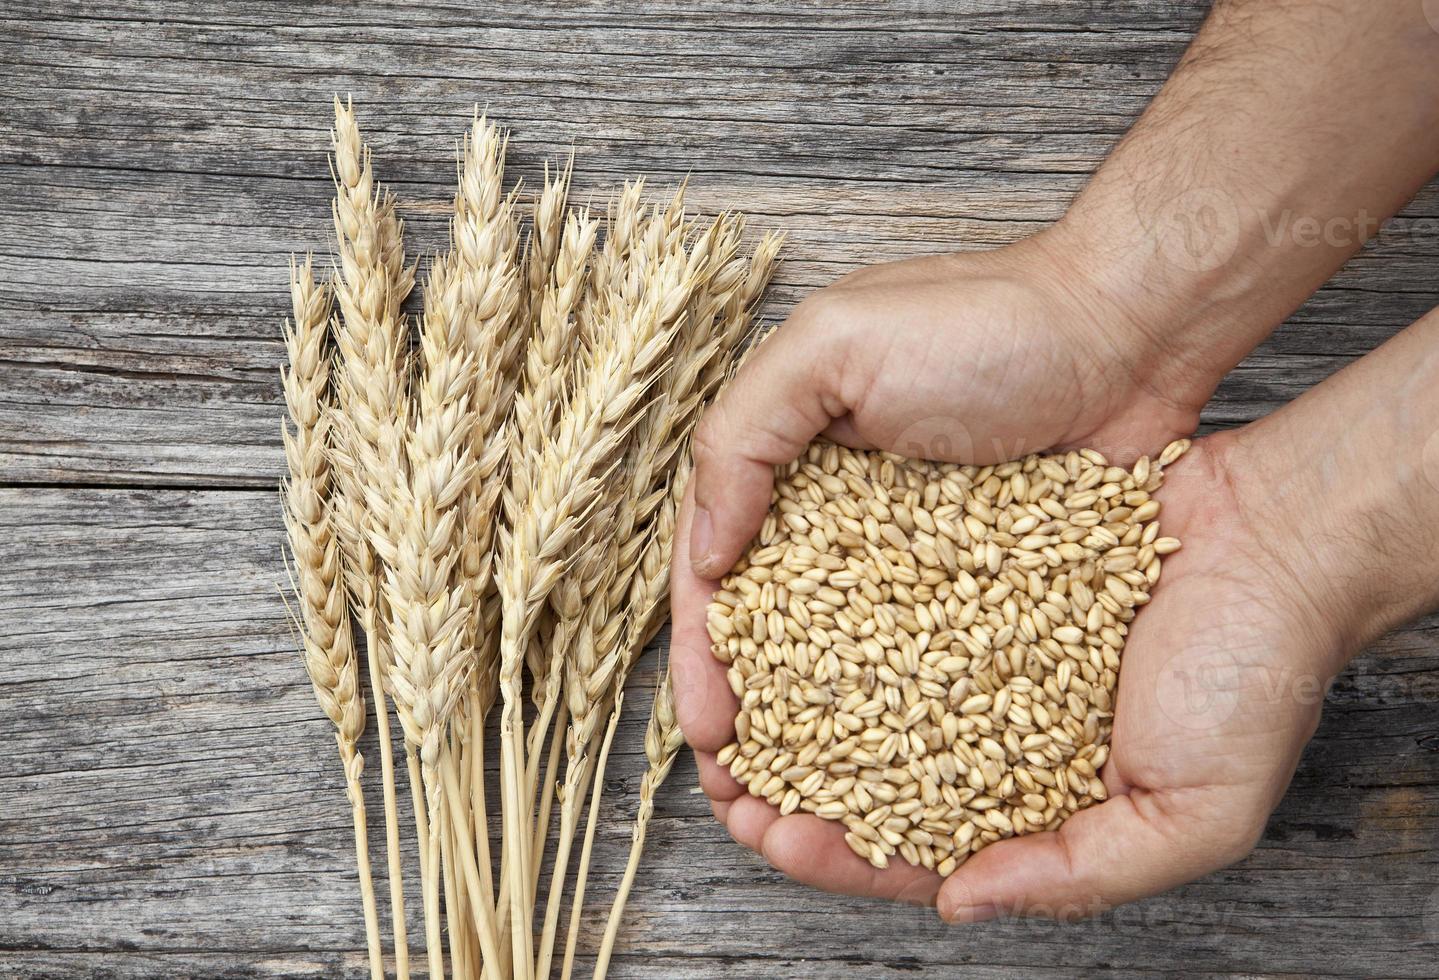 Handvoll Weizenkörner foto